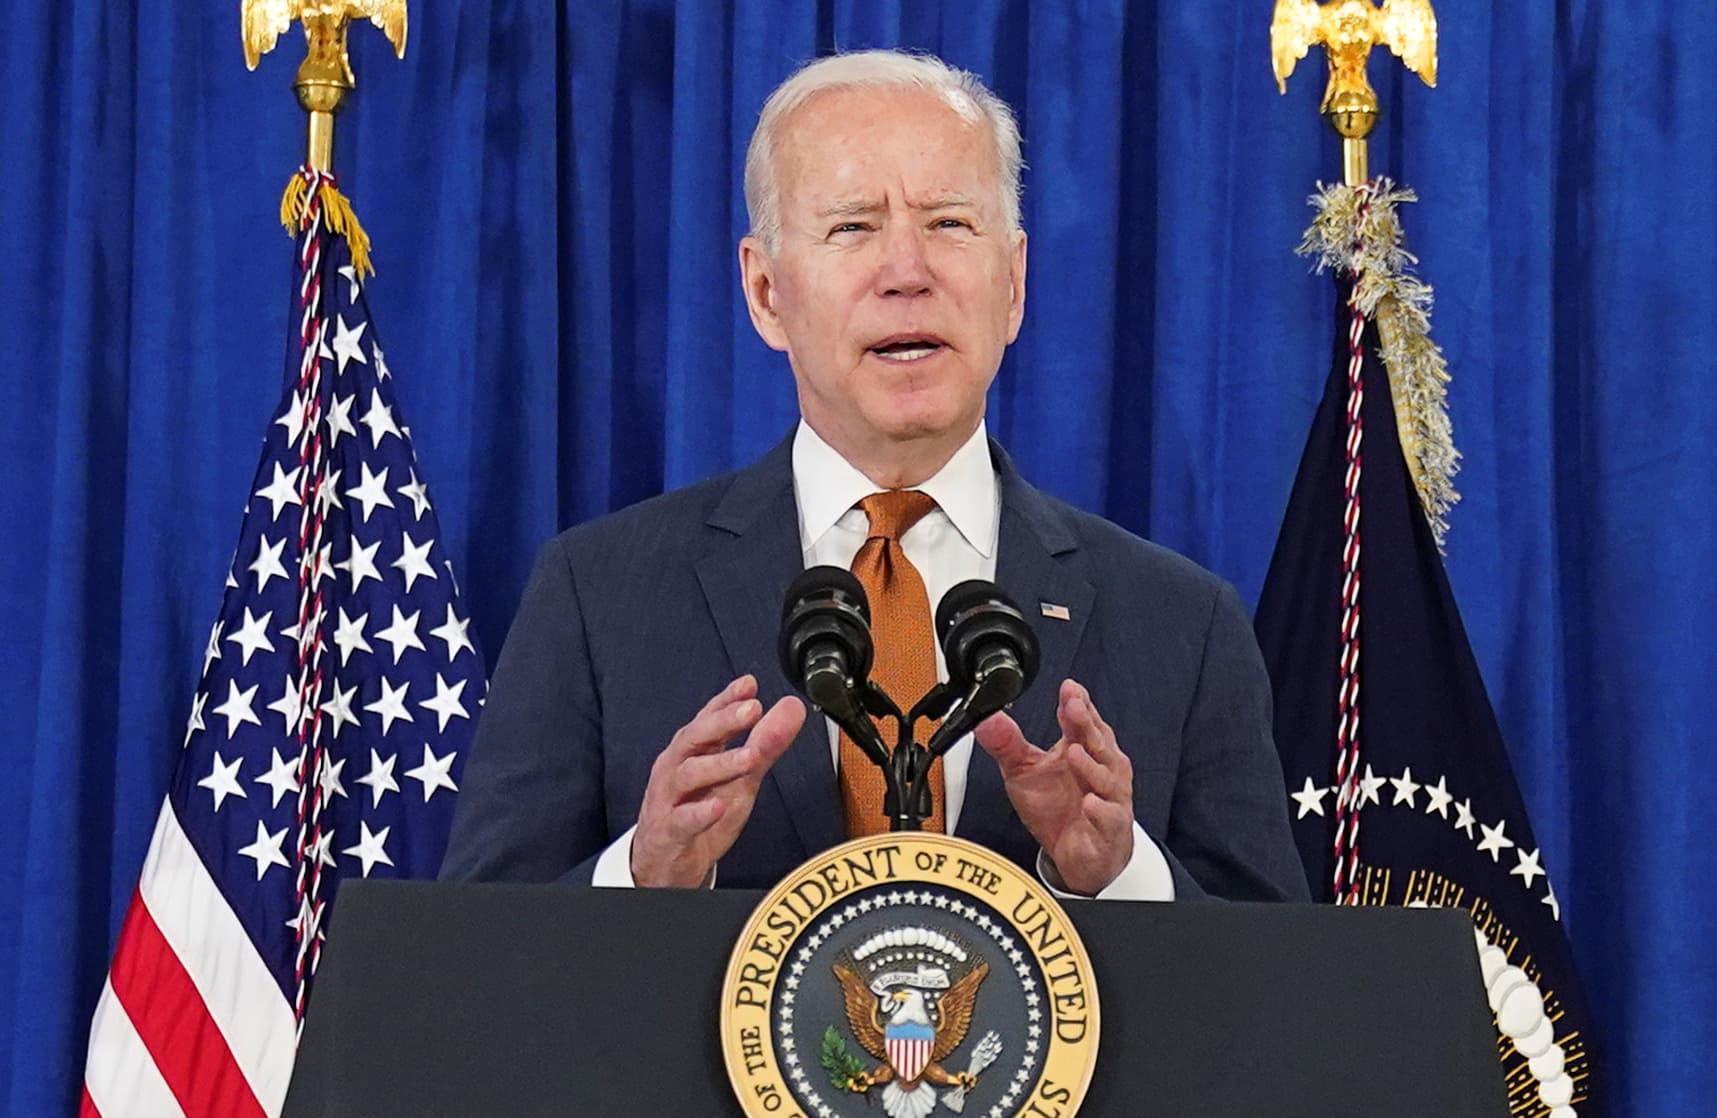 Biden responde al informe de empleos de mayo: 'Nuestro plan está funcionando'